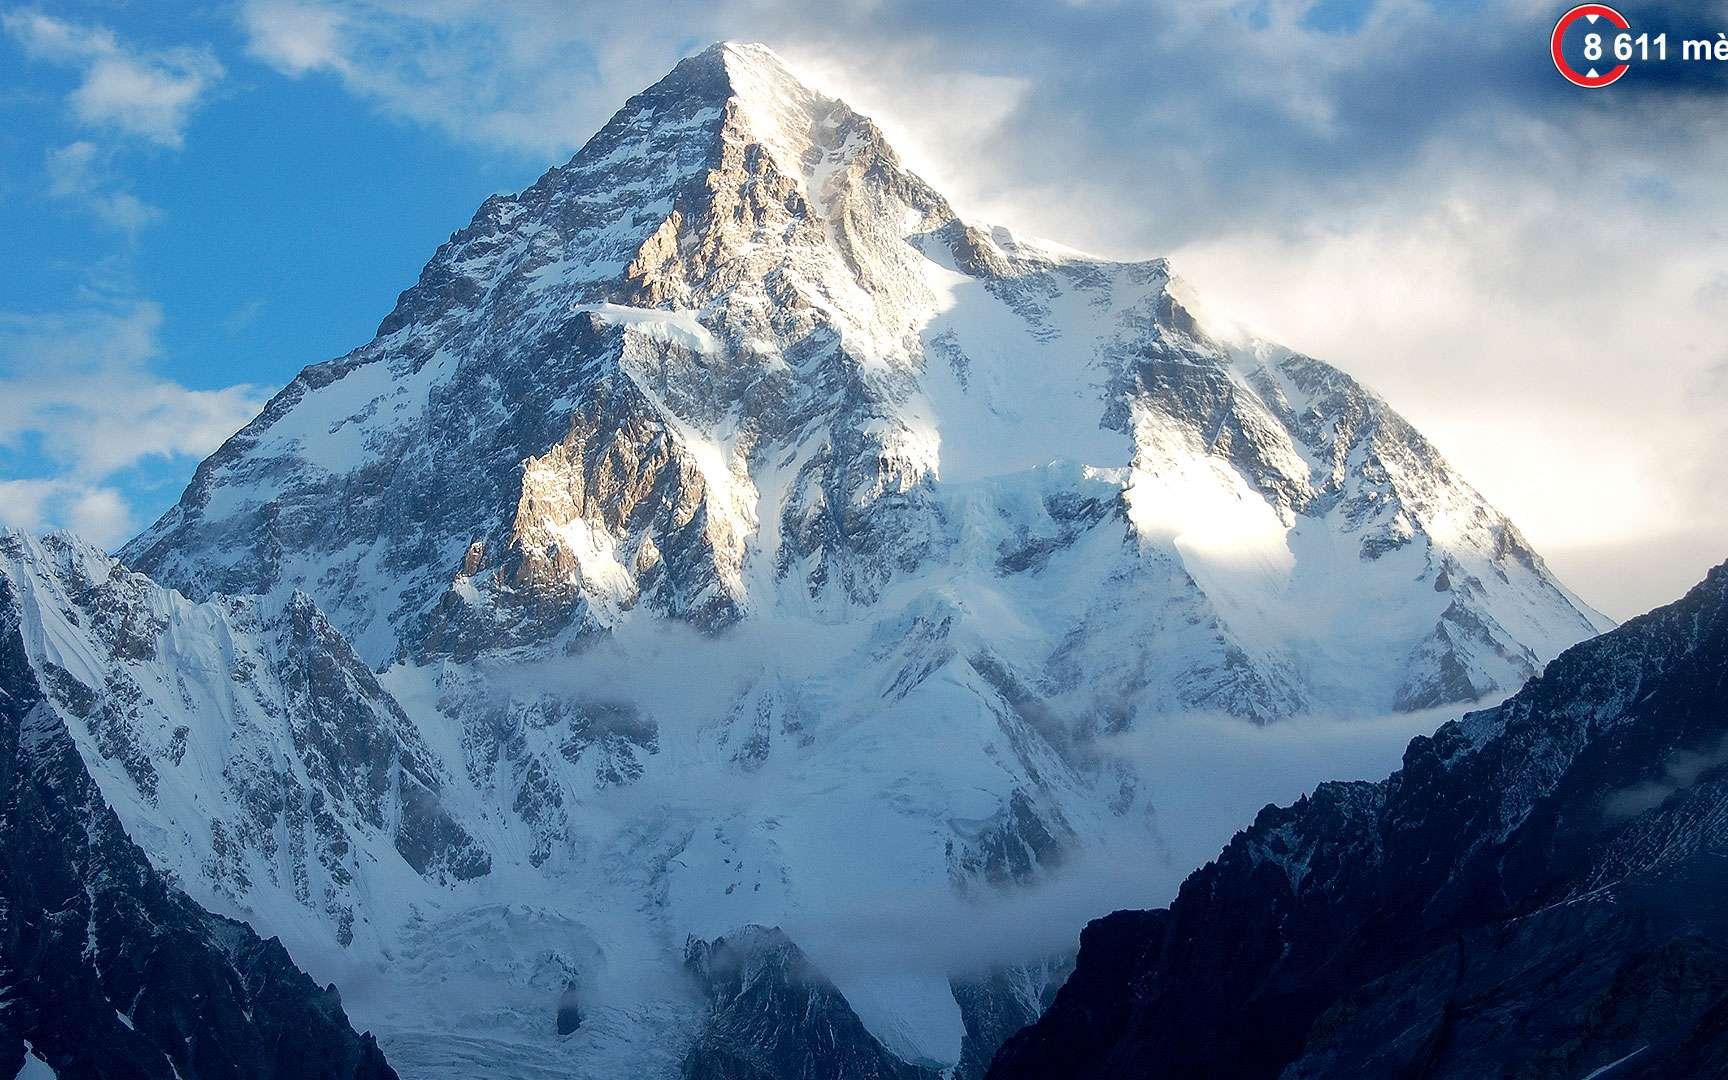 K2, la « montagne sans pitié ». Avec 8.611 mètres, le K2 est le deuxième plus haut sommet du monde, situé à la frontière entre la Chine et le Pakistan dans le massif du Karakoram. Pourtant, il est considéré comme beaucoup plus délicat à gravir et dangereux que l'Everest. Seulement un peu plus de 300 alpinistes sont parvenus au sommet et 81 personnes y ont péri. À ce jour, aucune ascension n'a été entreprise en hiver au vu des conditions extrêmes. © Maria Ly CC by 2.0